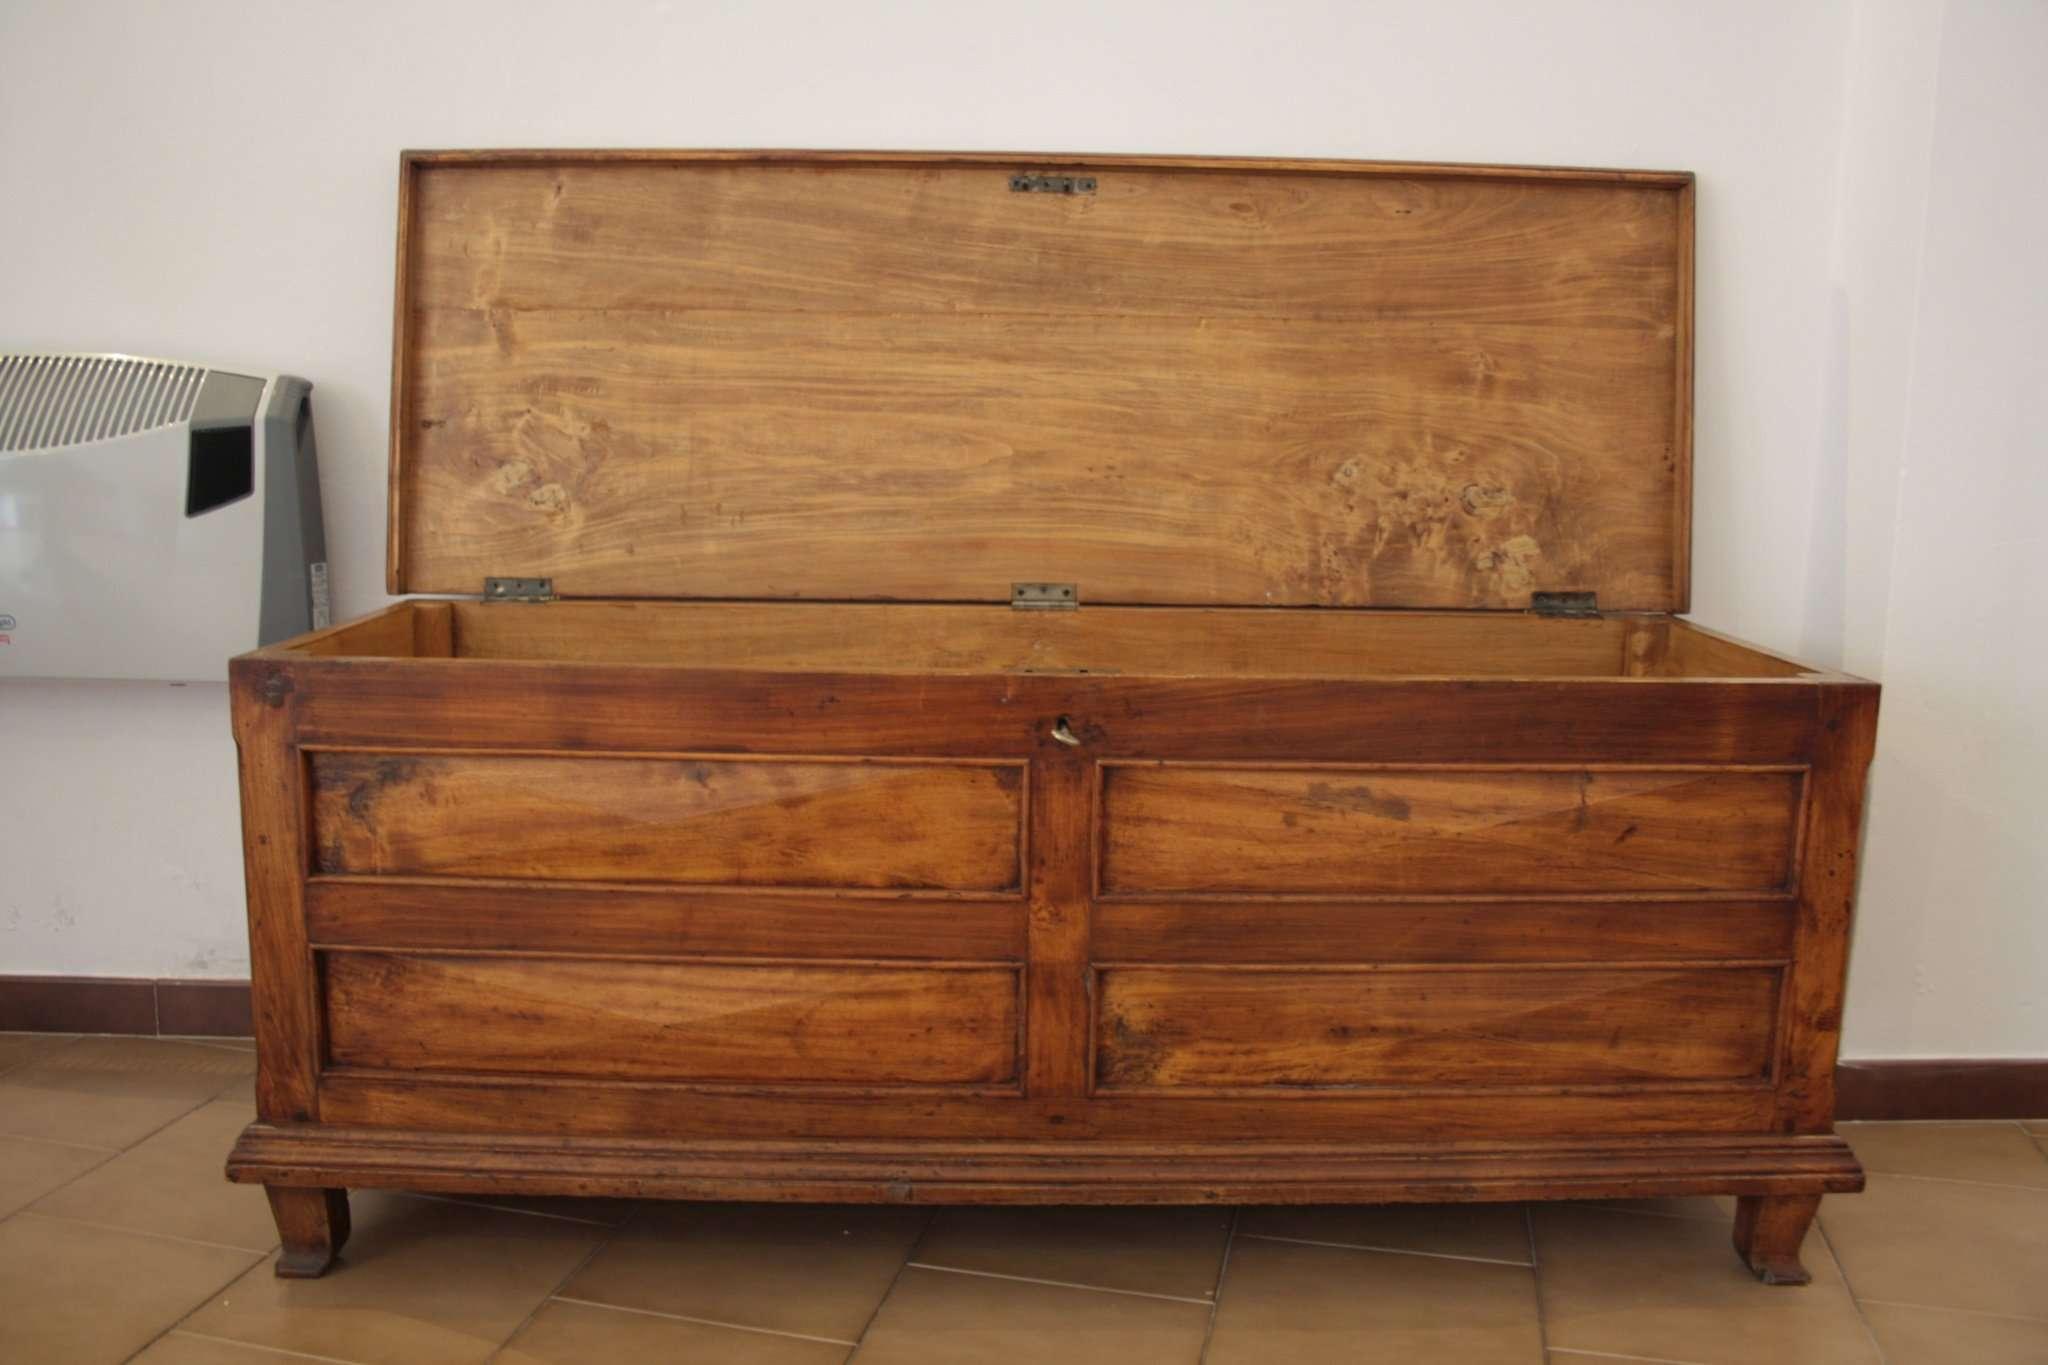 Immagini del restauro di una cassapanca in legno di pioppo inizi novecento